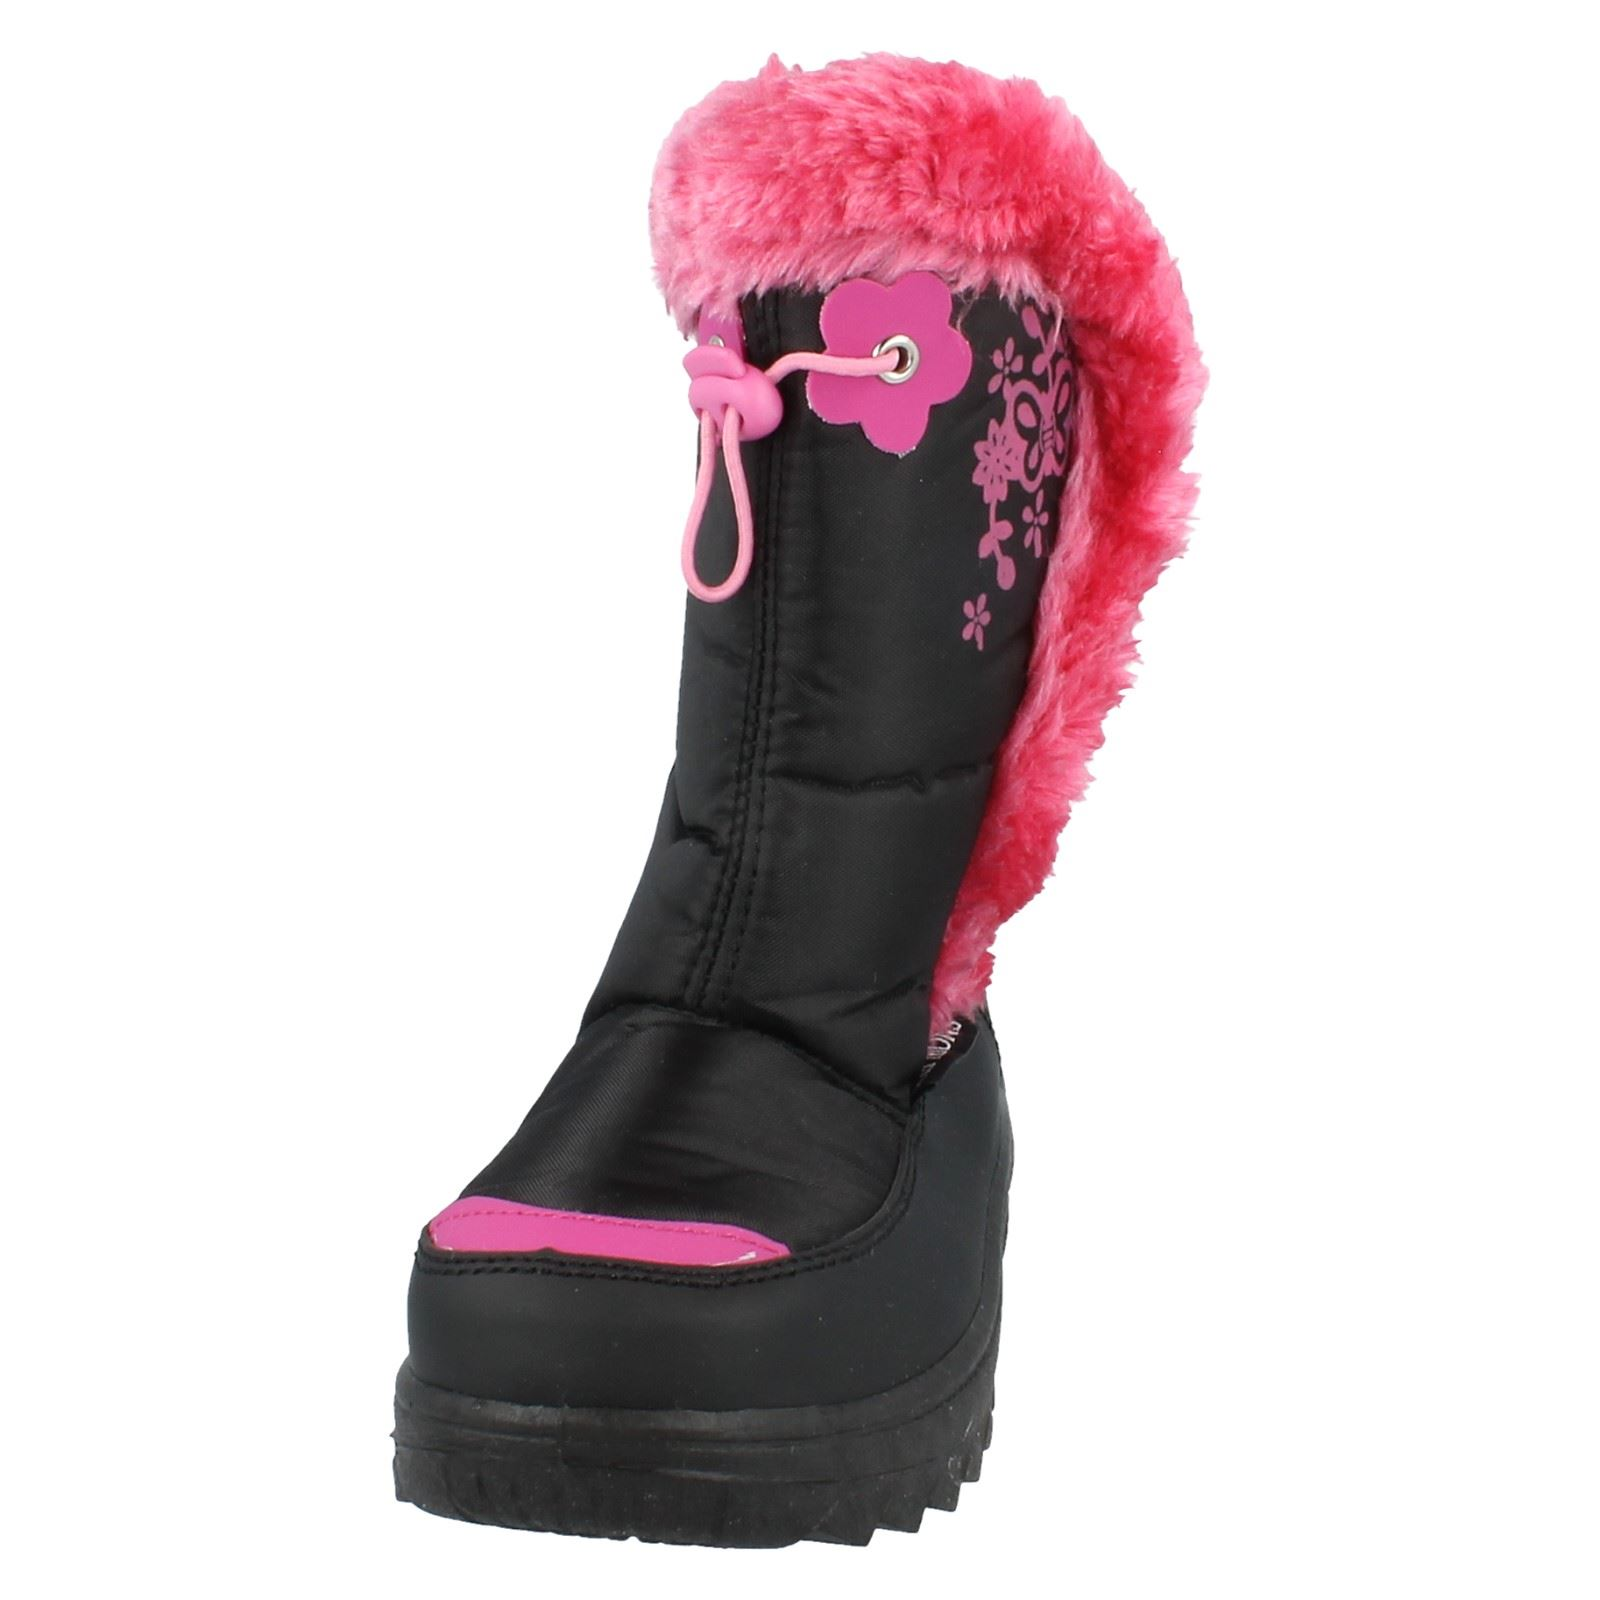 Chicas snowfun Botas con ribete de piel estilo - 8.51102